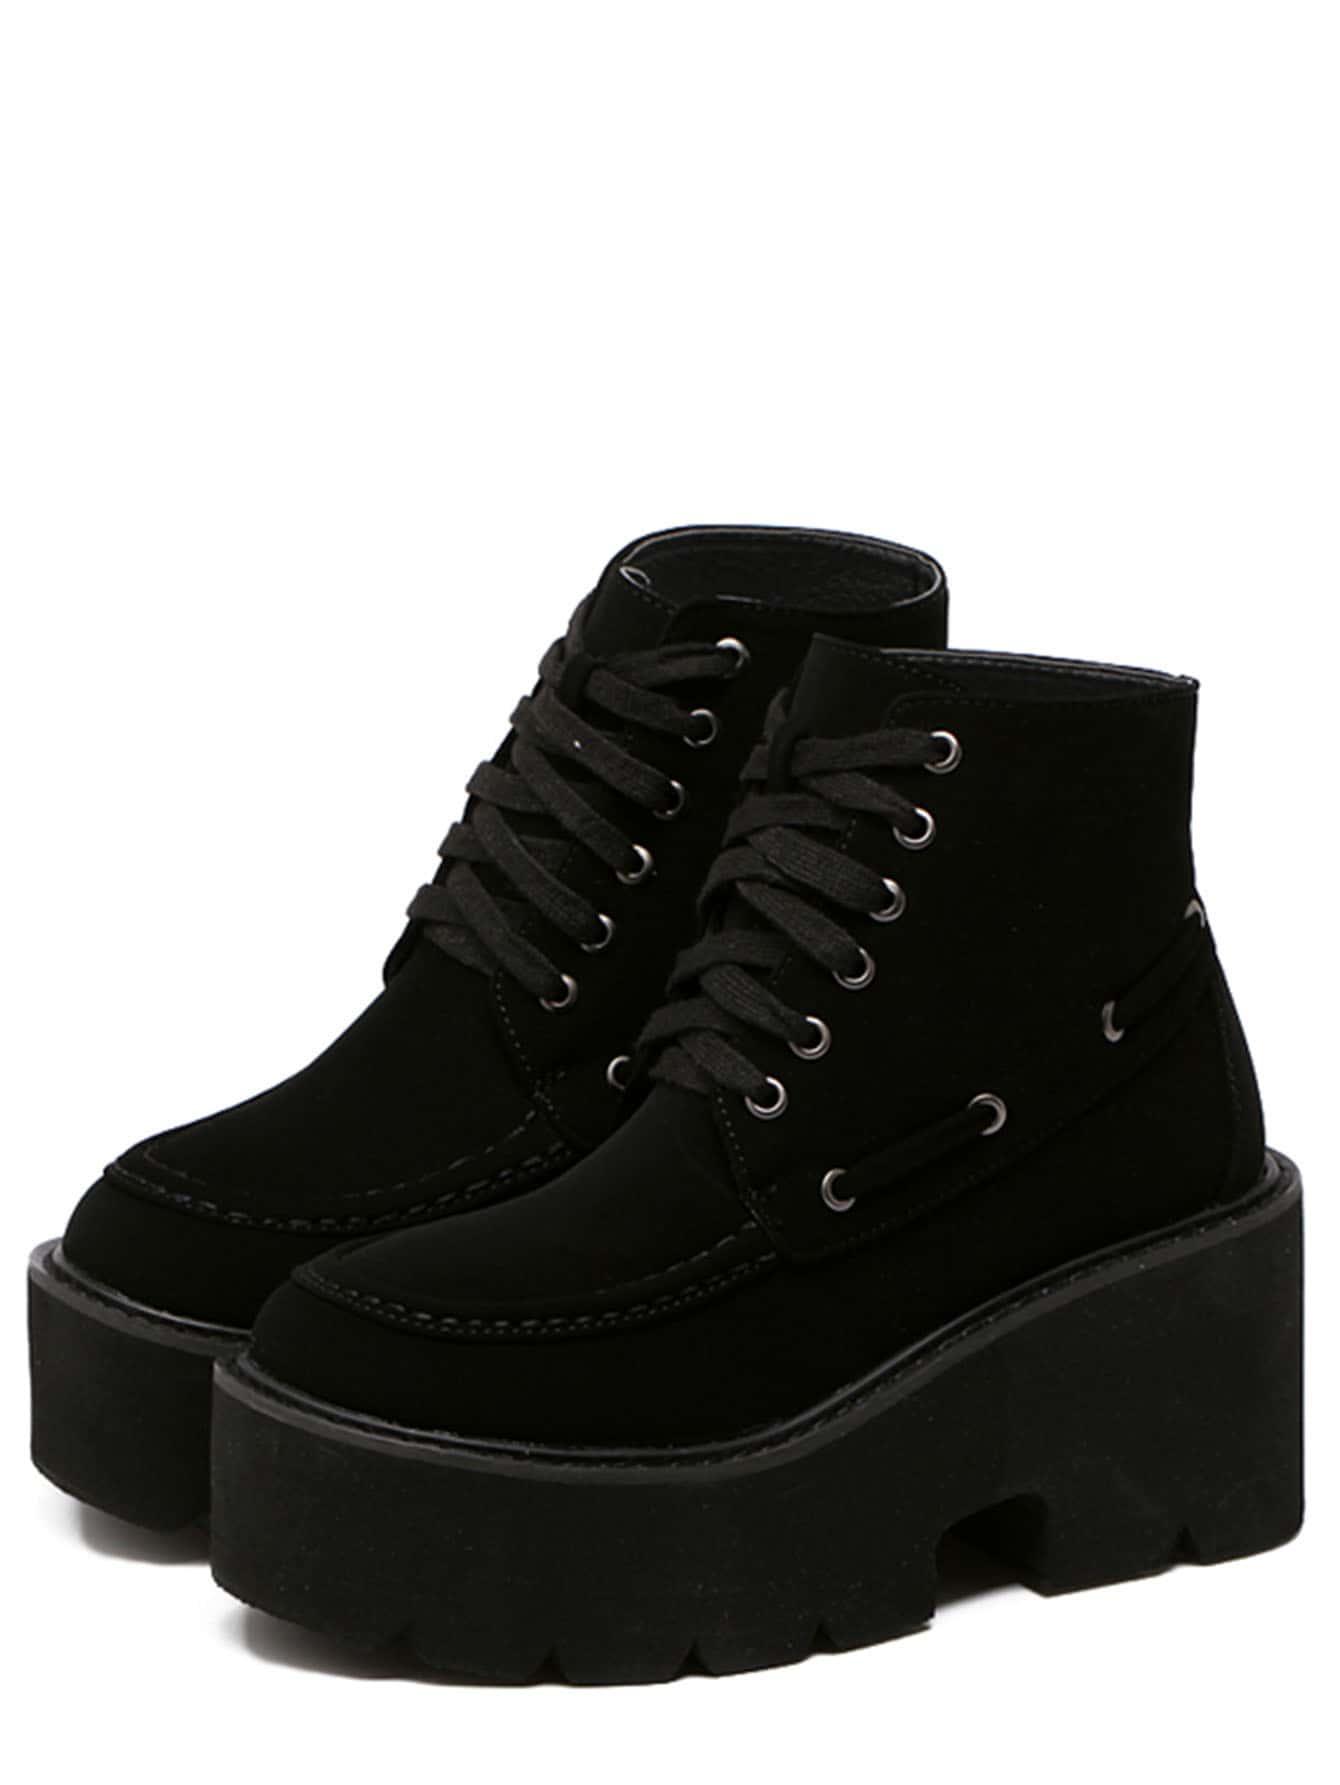 shoes160906803_2